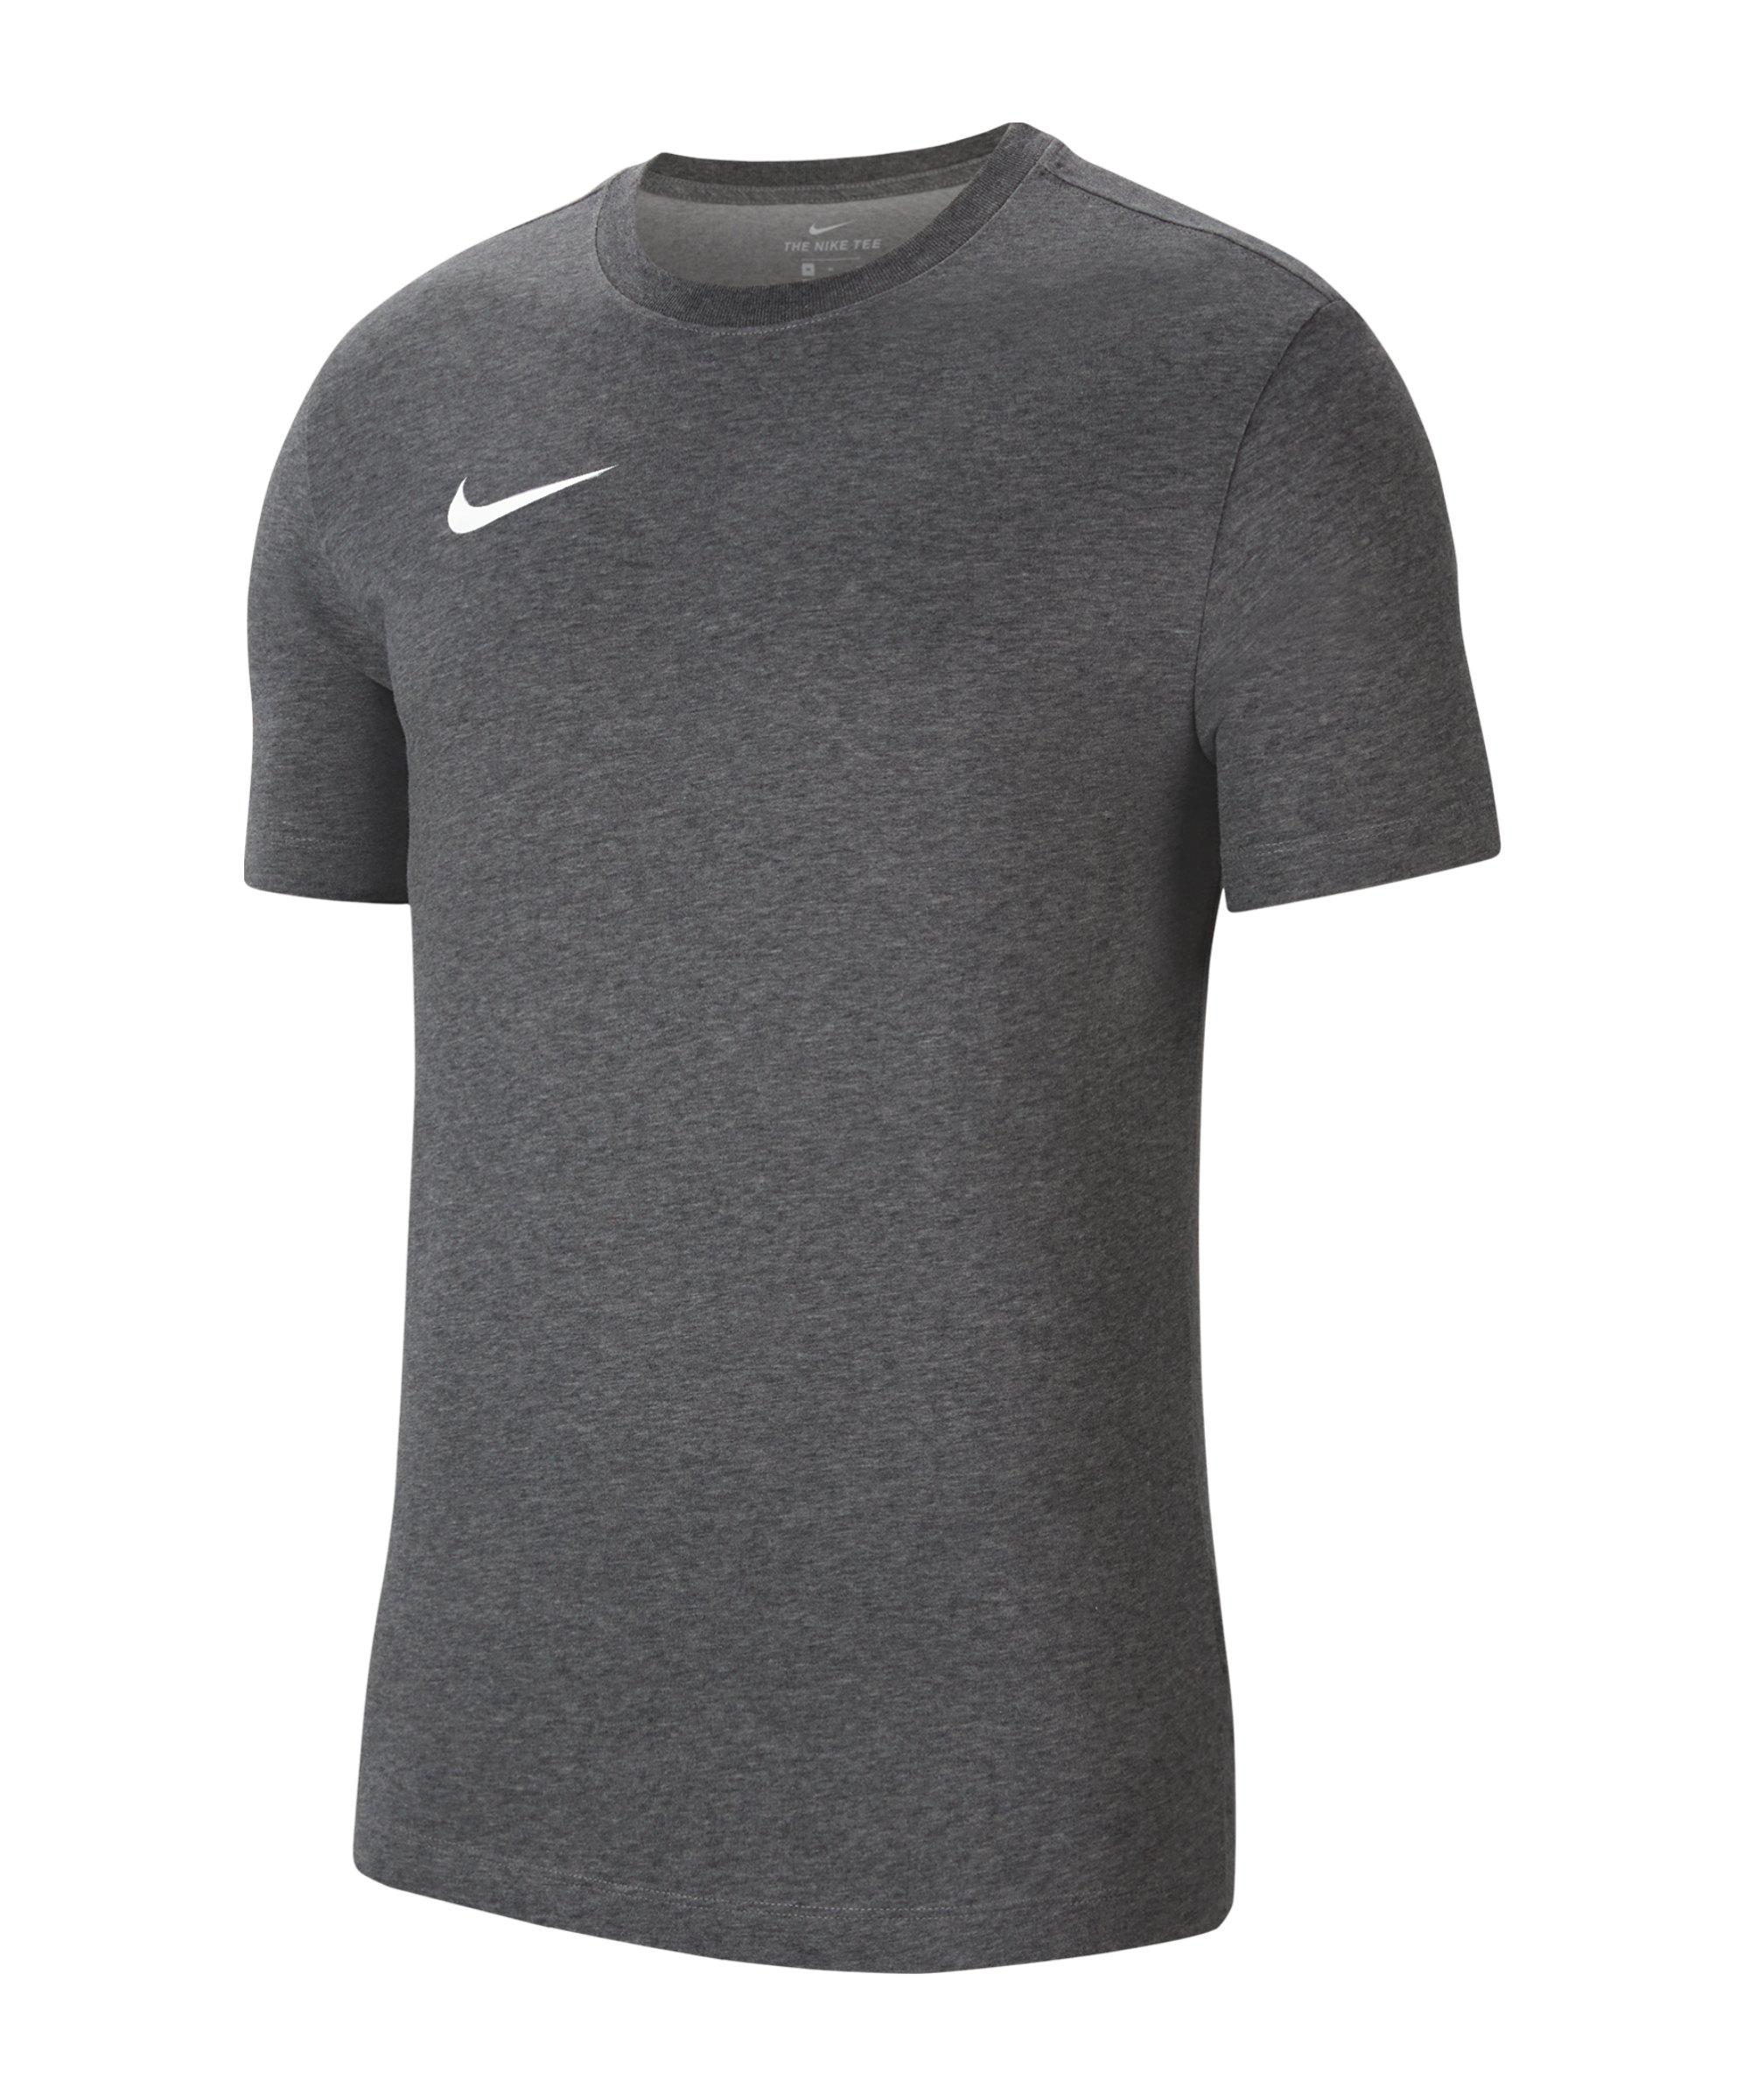 Nike Park 20 Dry T-Shirt Grau Weiss F071 - grau